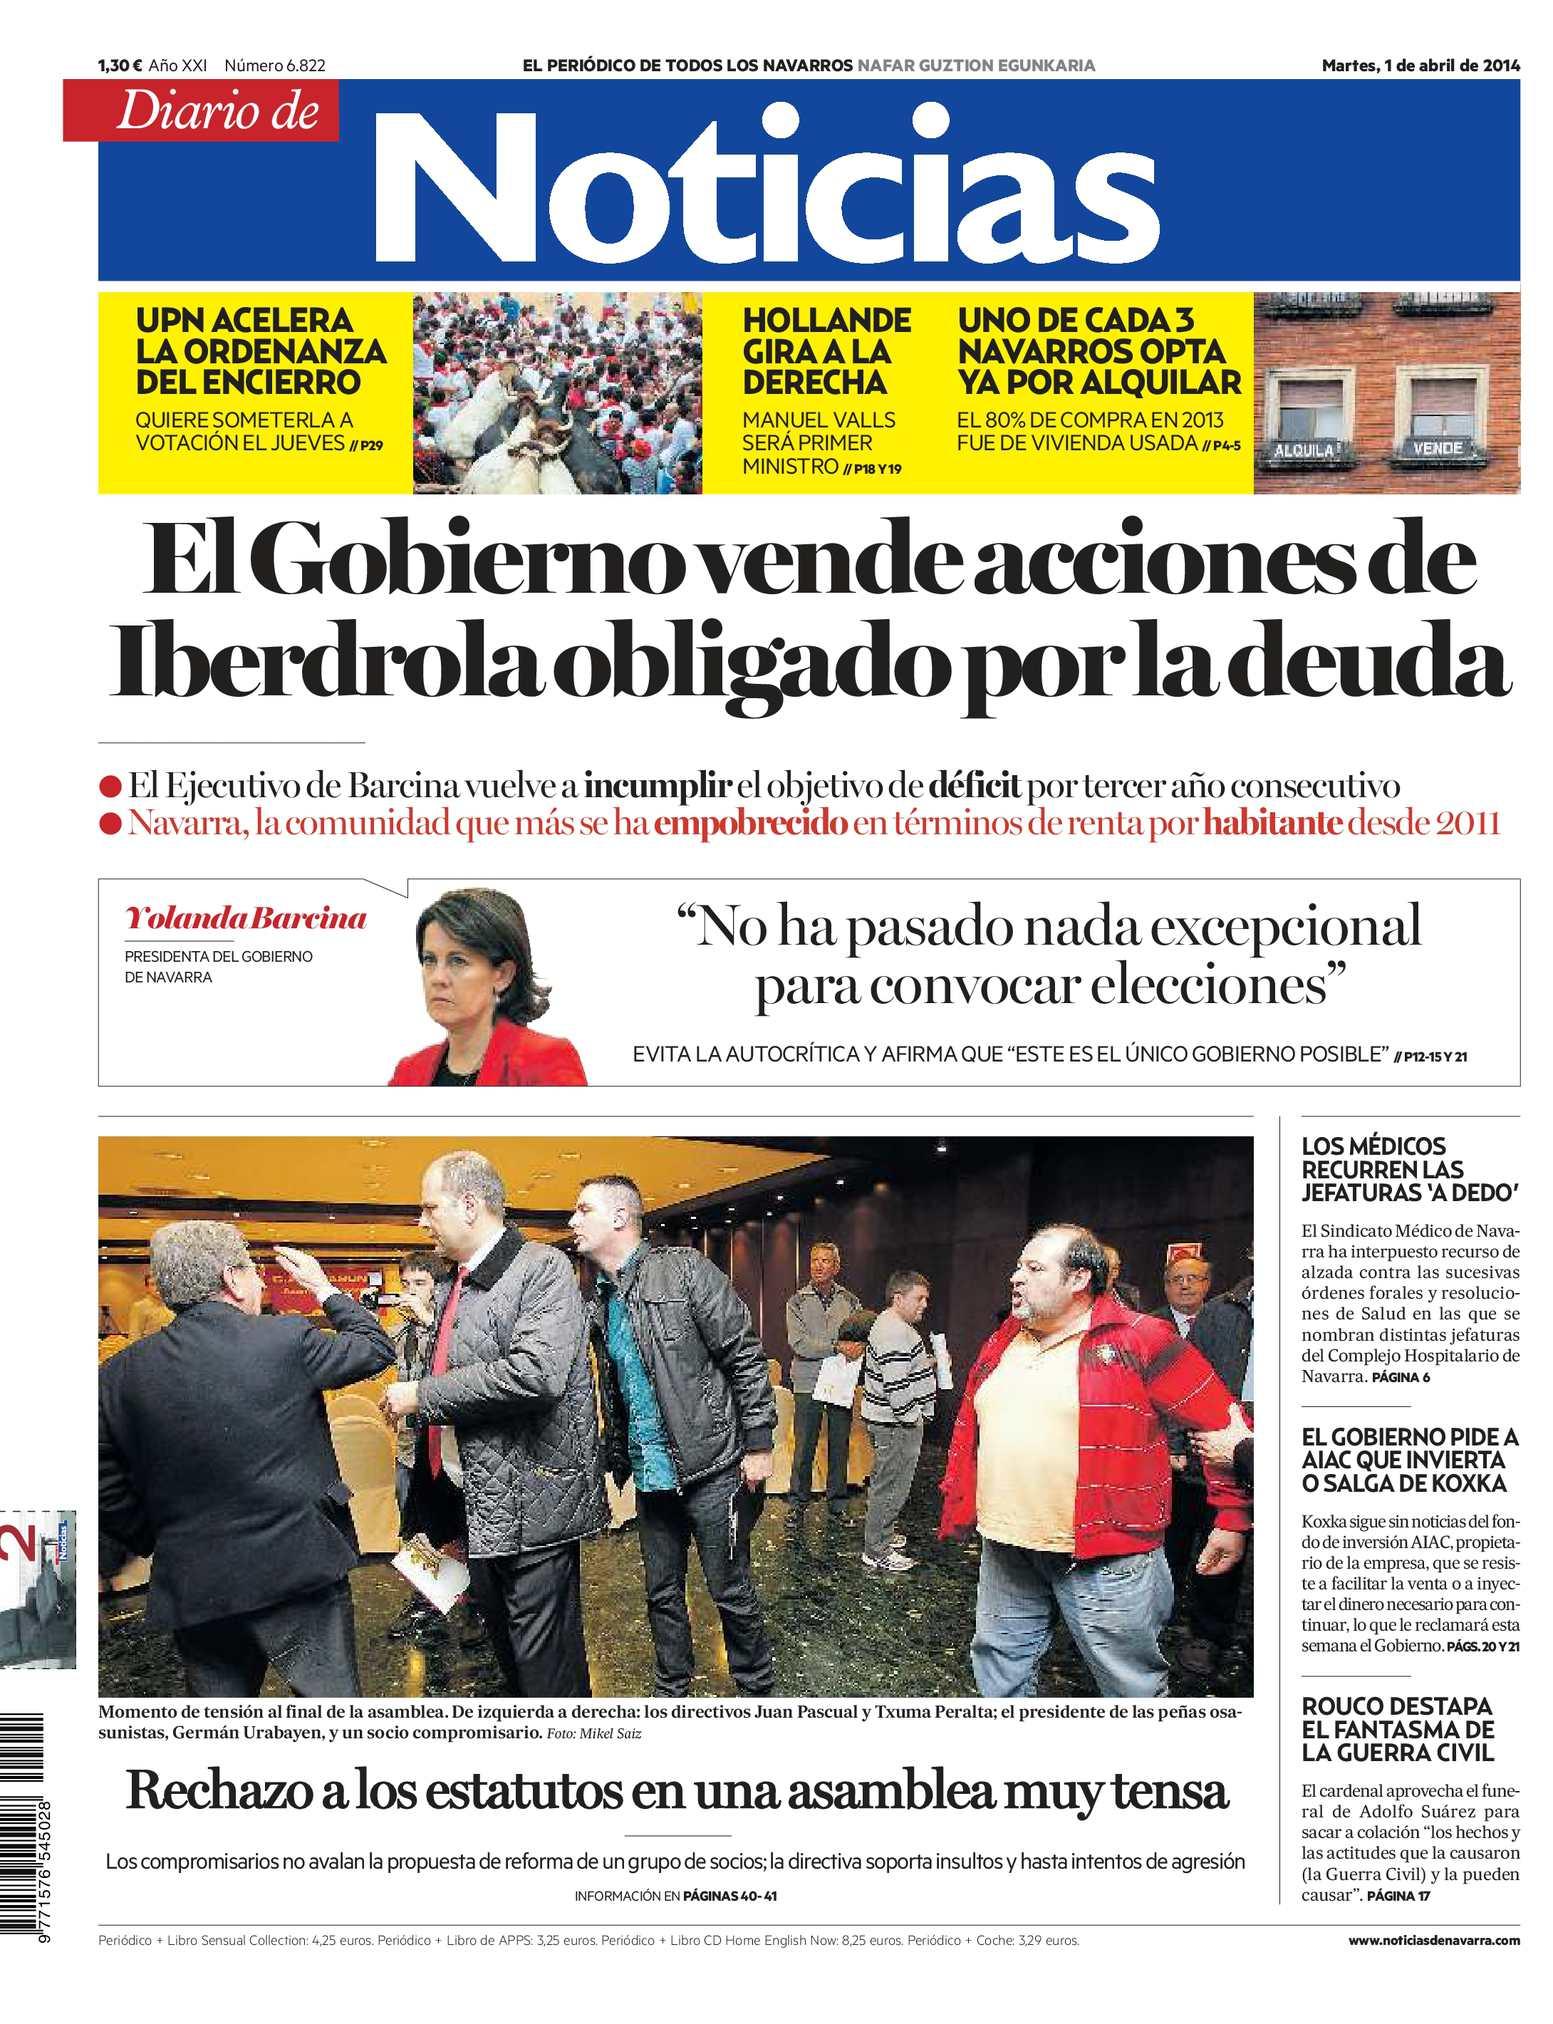 Calaméo - Diario de Noticias 20140401